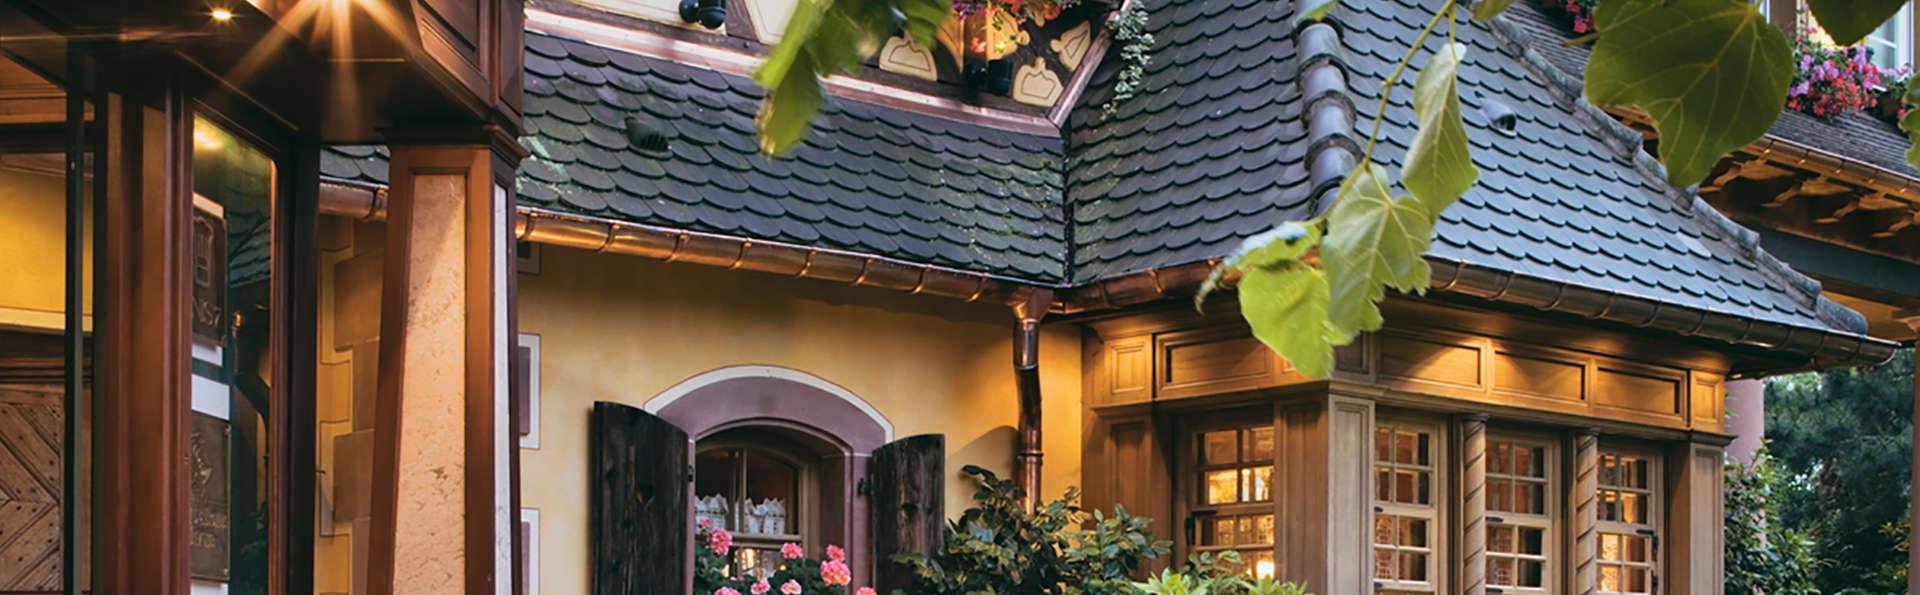 Le Parc Hôtel Obernai & Spa - Edit_Front2.jpg